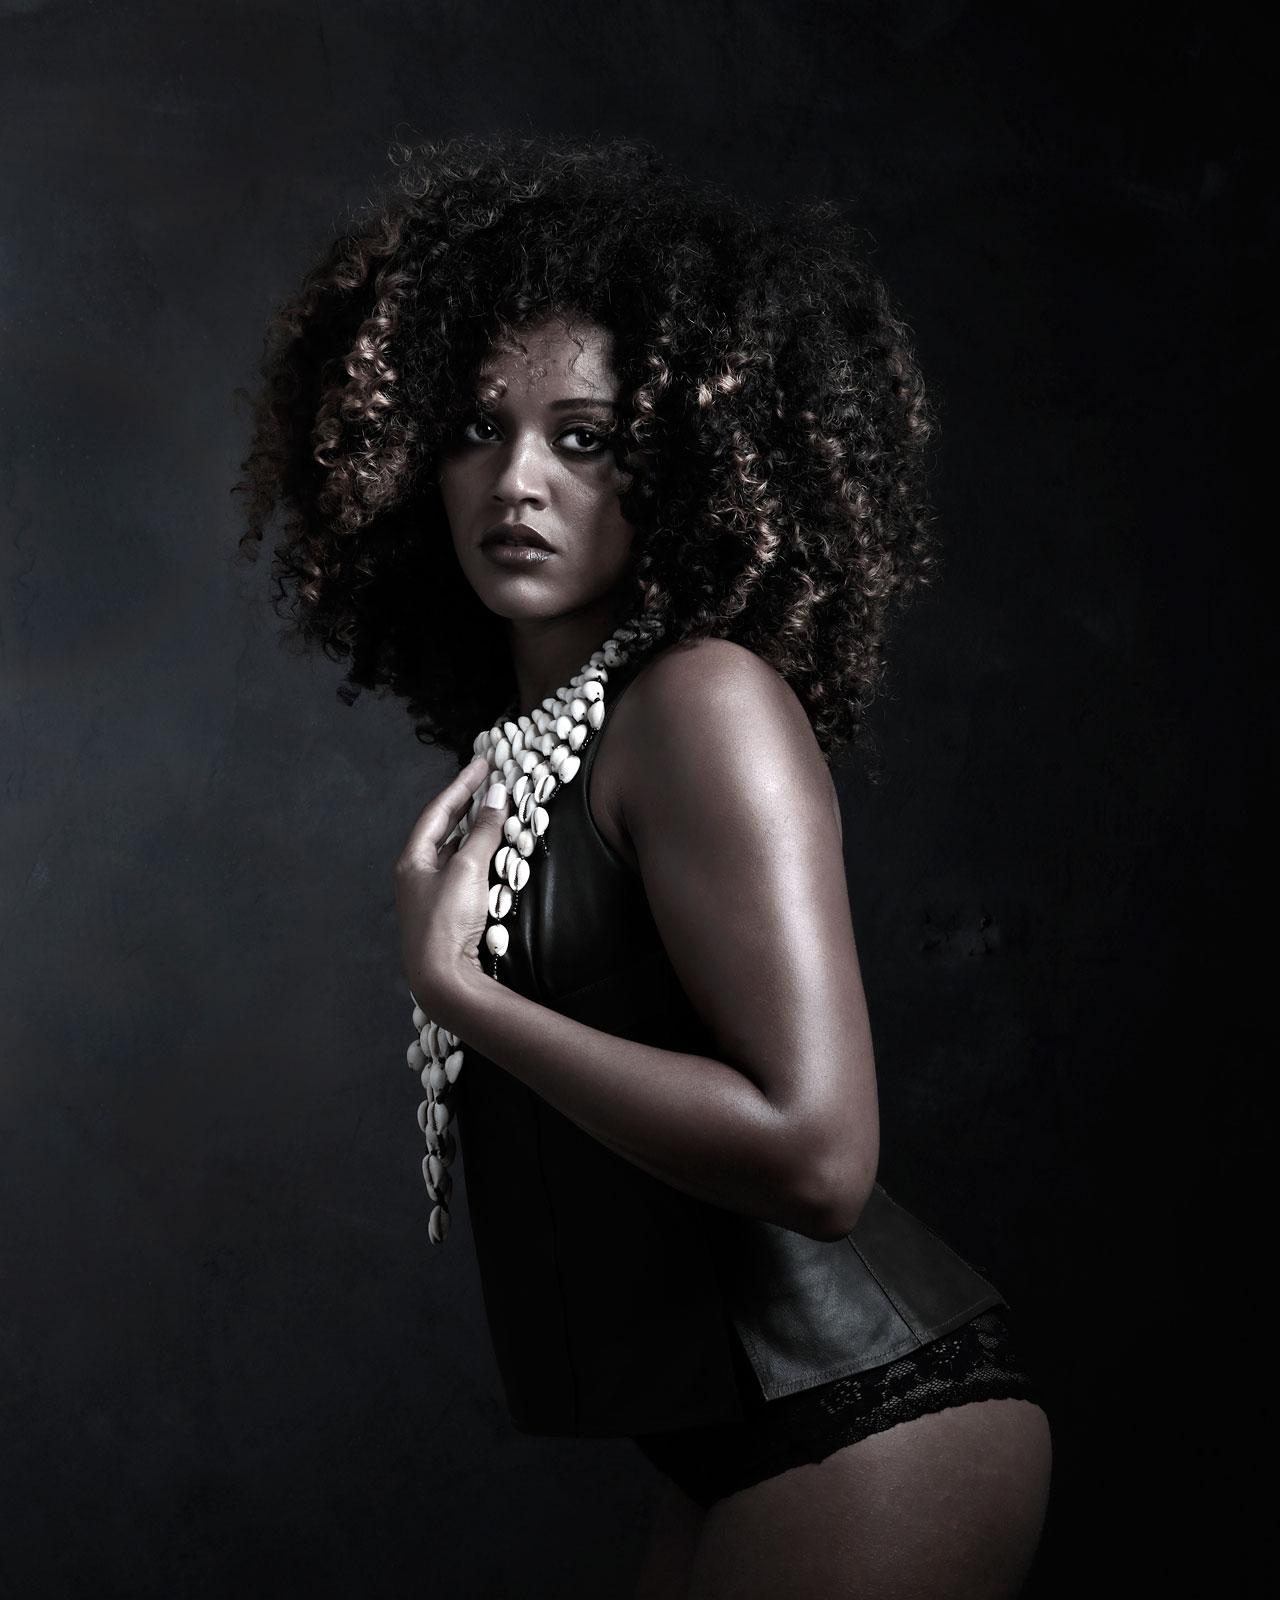 Foto van vrouw met zwart afro haar in lingerie